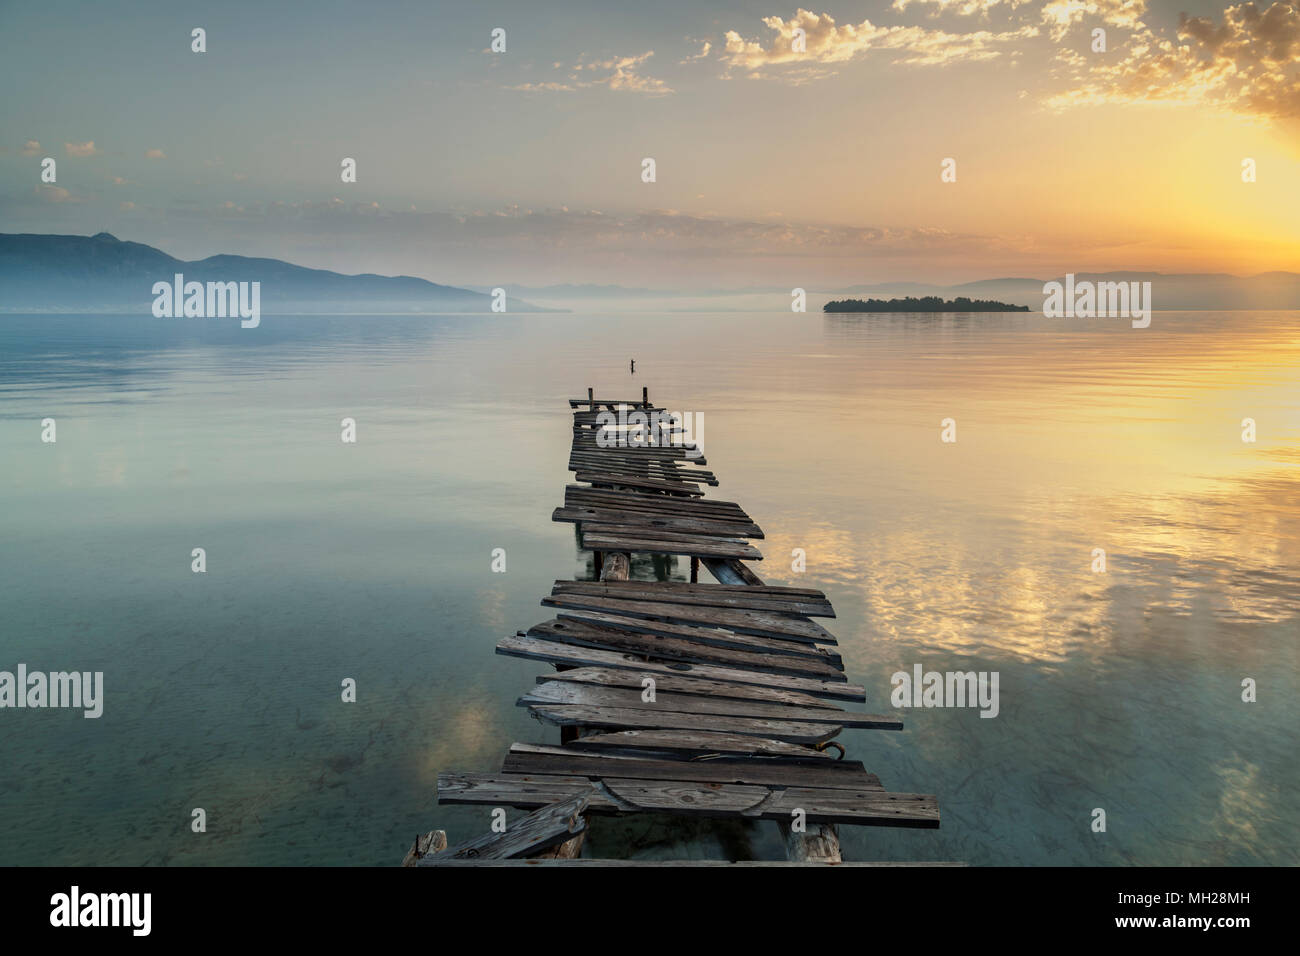 Une petite jetée à l'abandon à Corfou, Grèce. Tôt le matin. Photo Stock